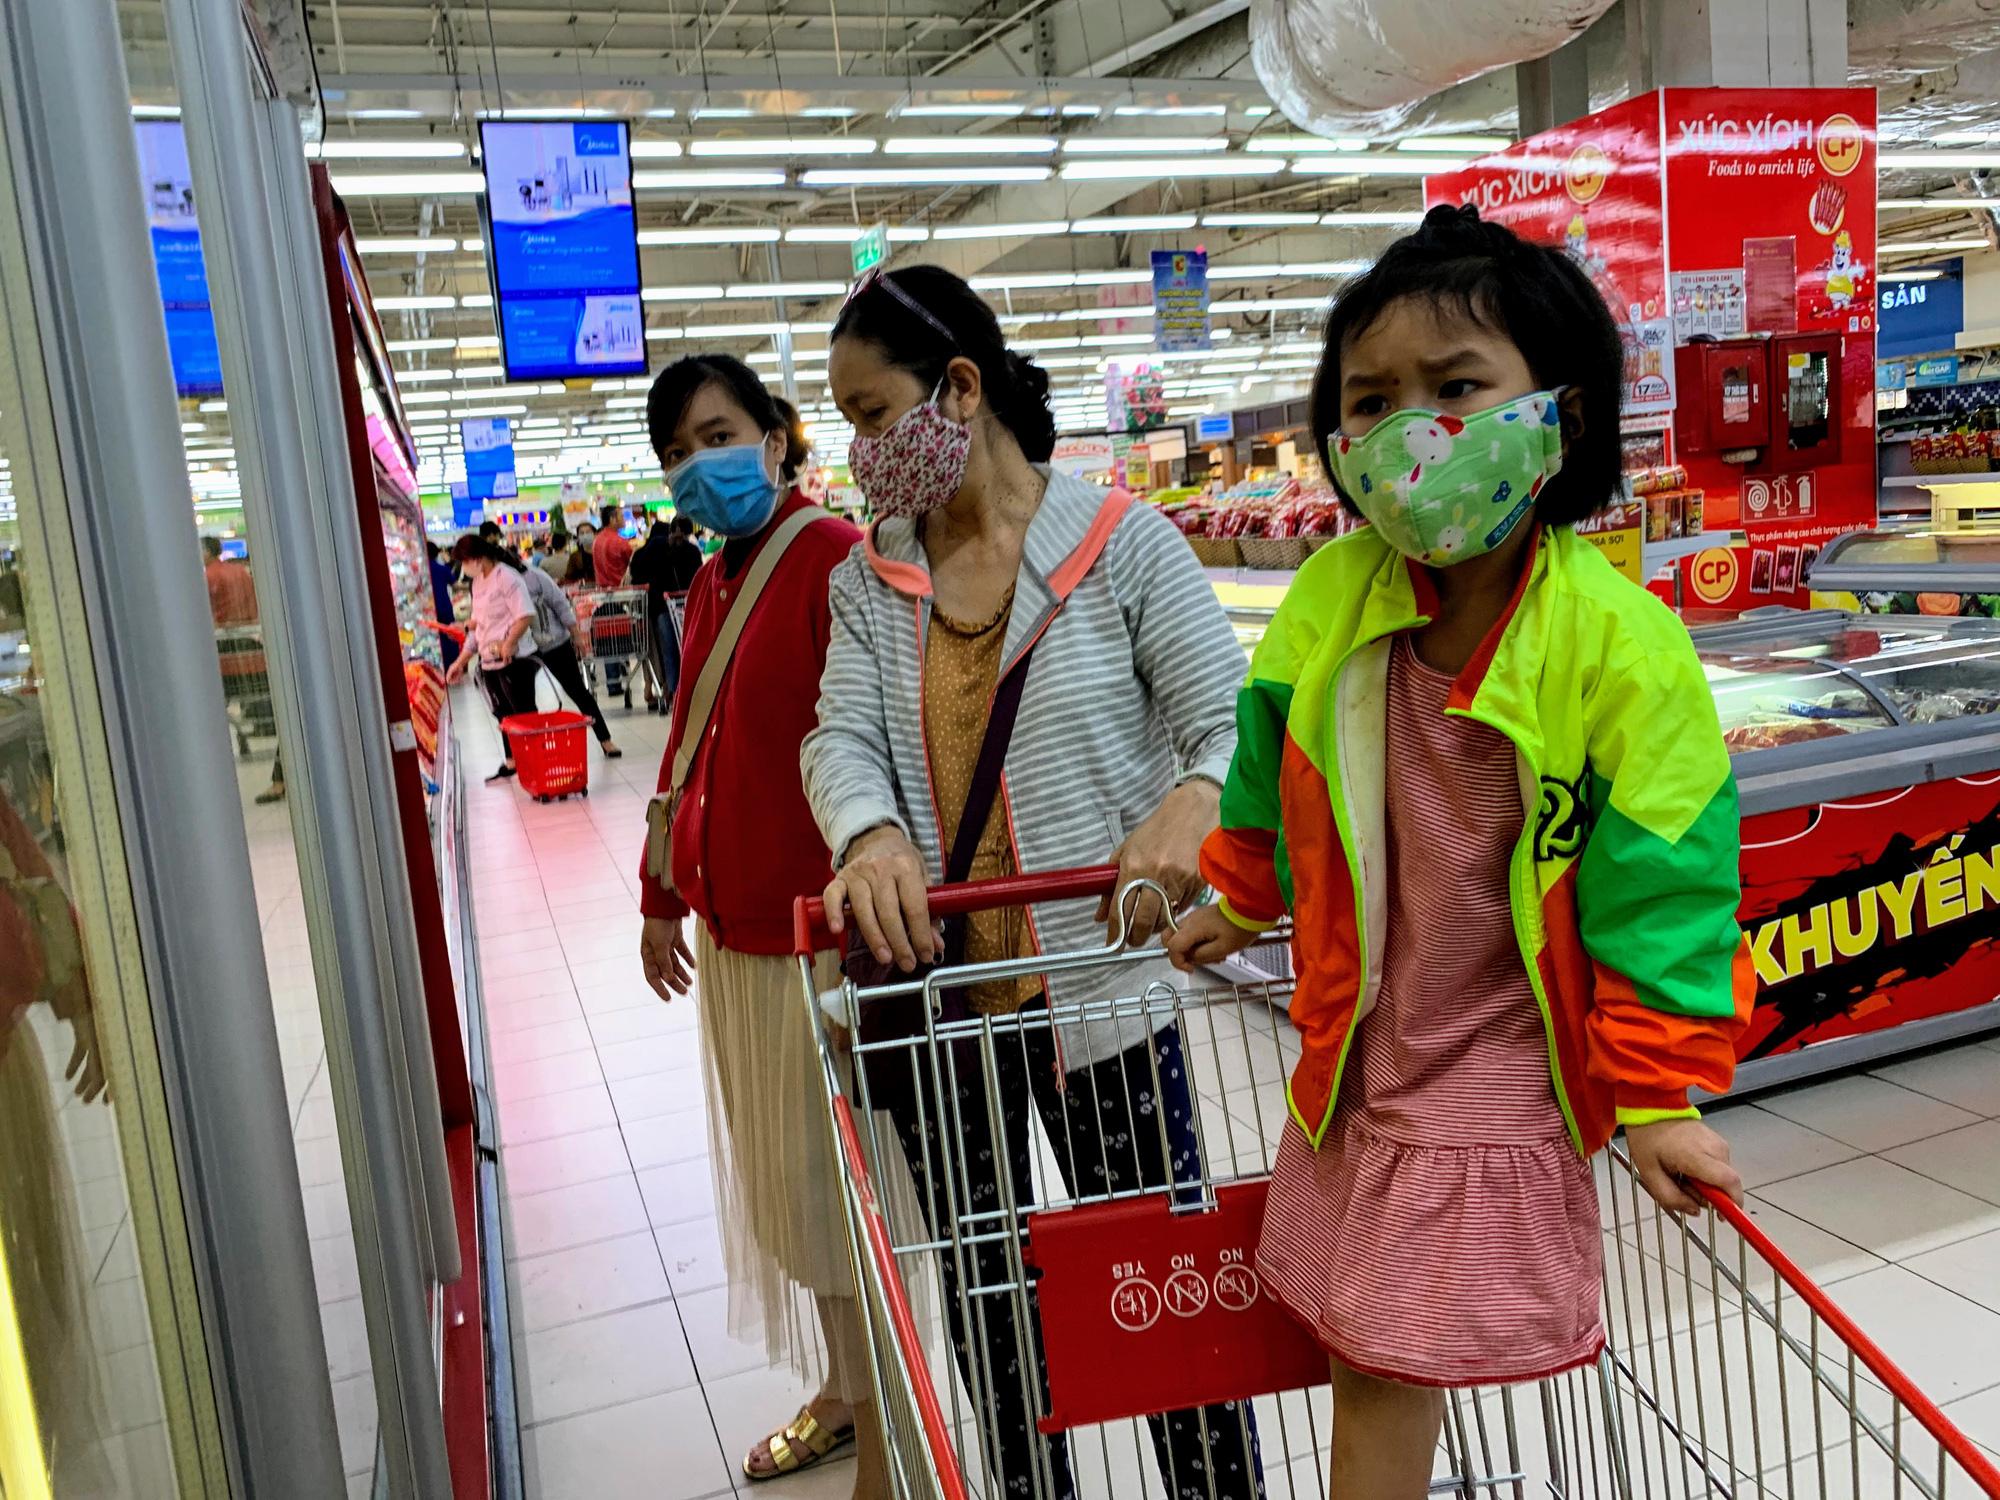 Ma trận nước rửa tay, gel sát khuẩn tại các siêu thị ở Hà Nội làm khó người tiêu dùng - Ảnh 9.